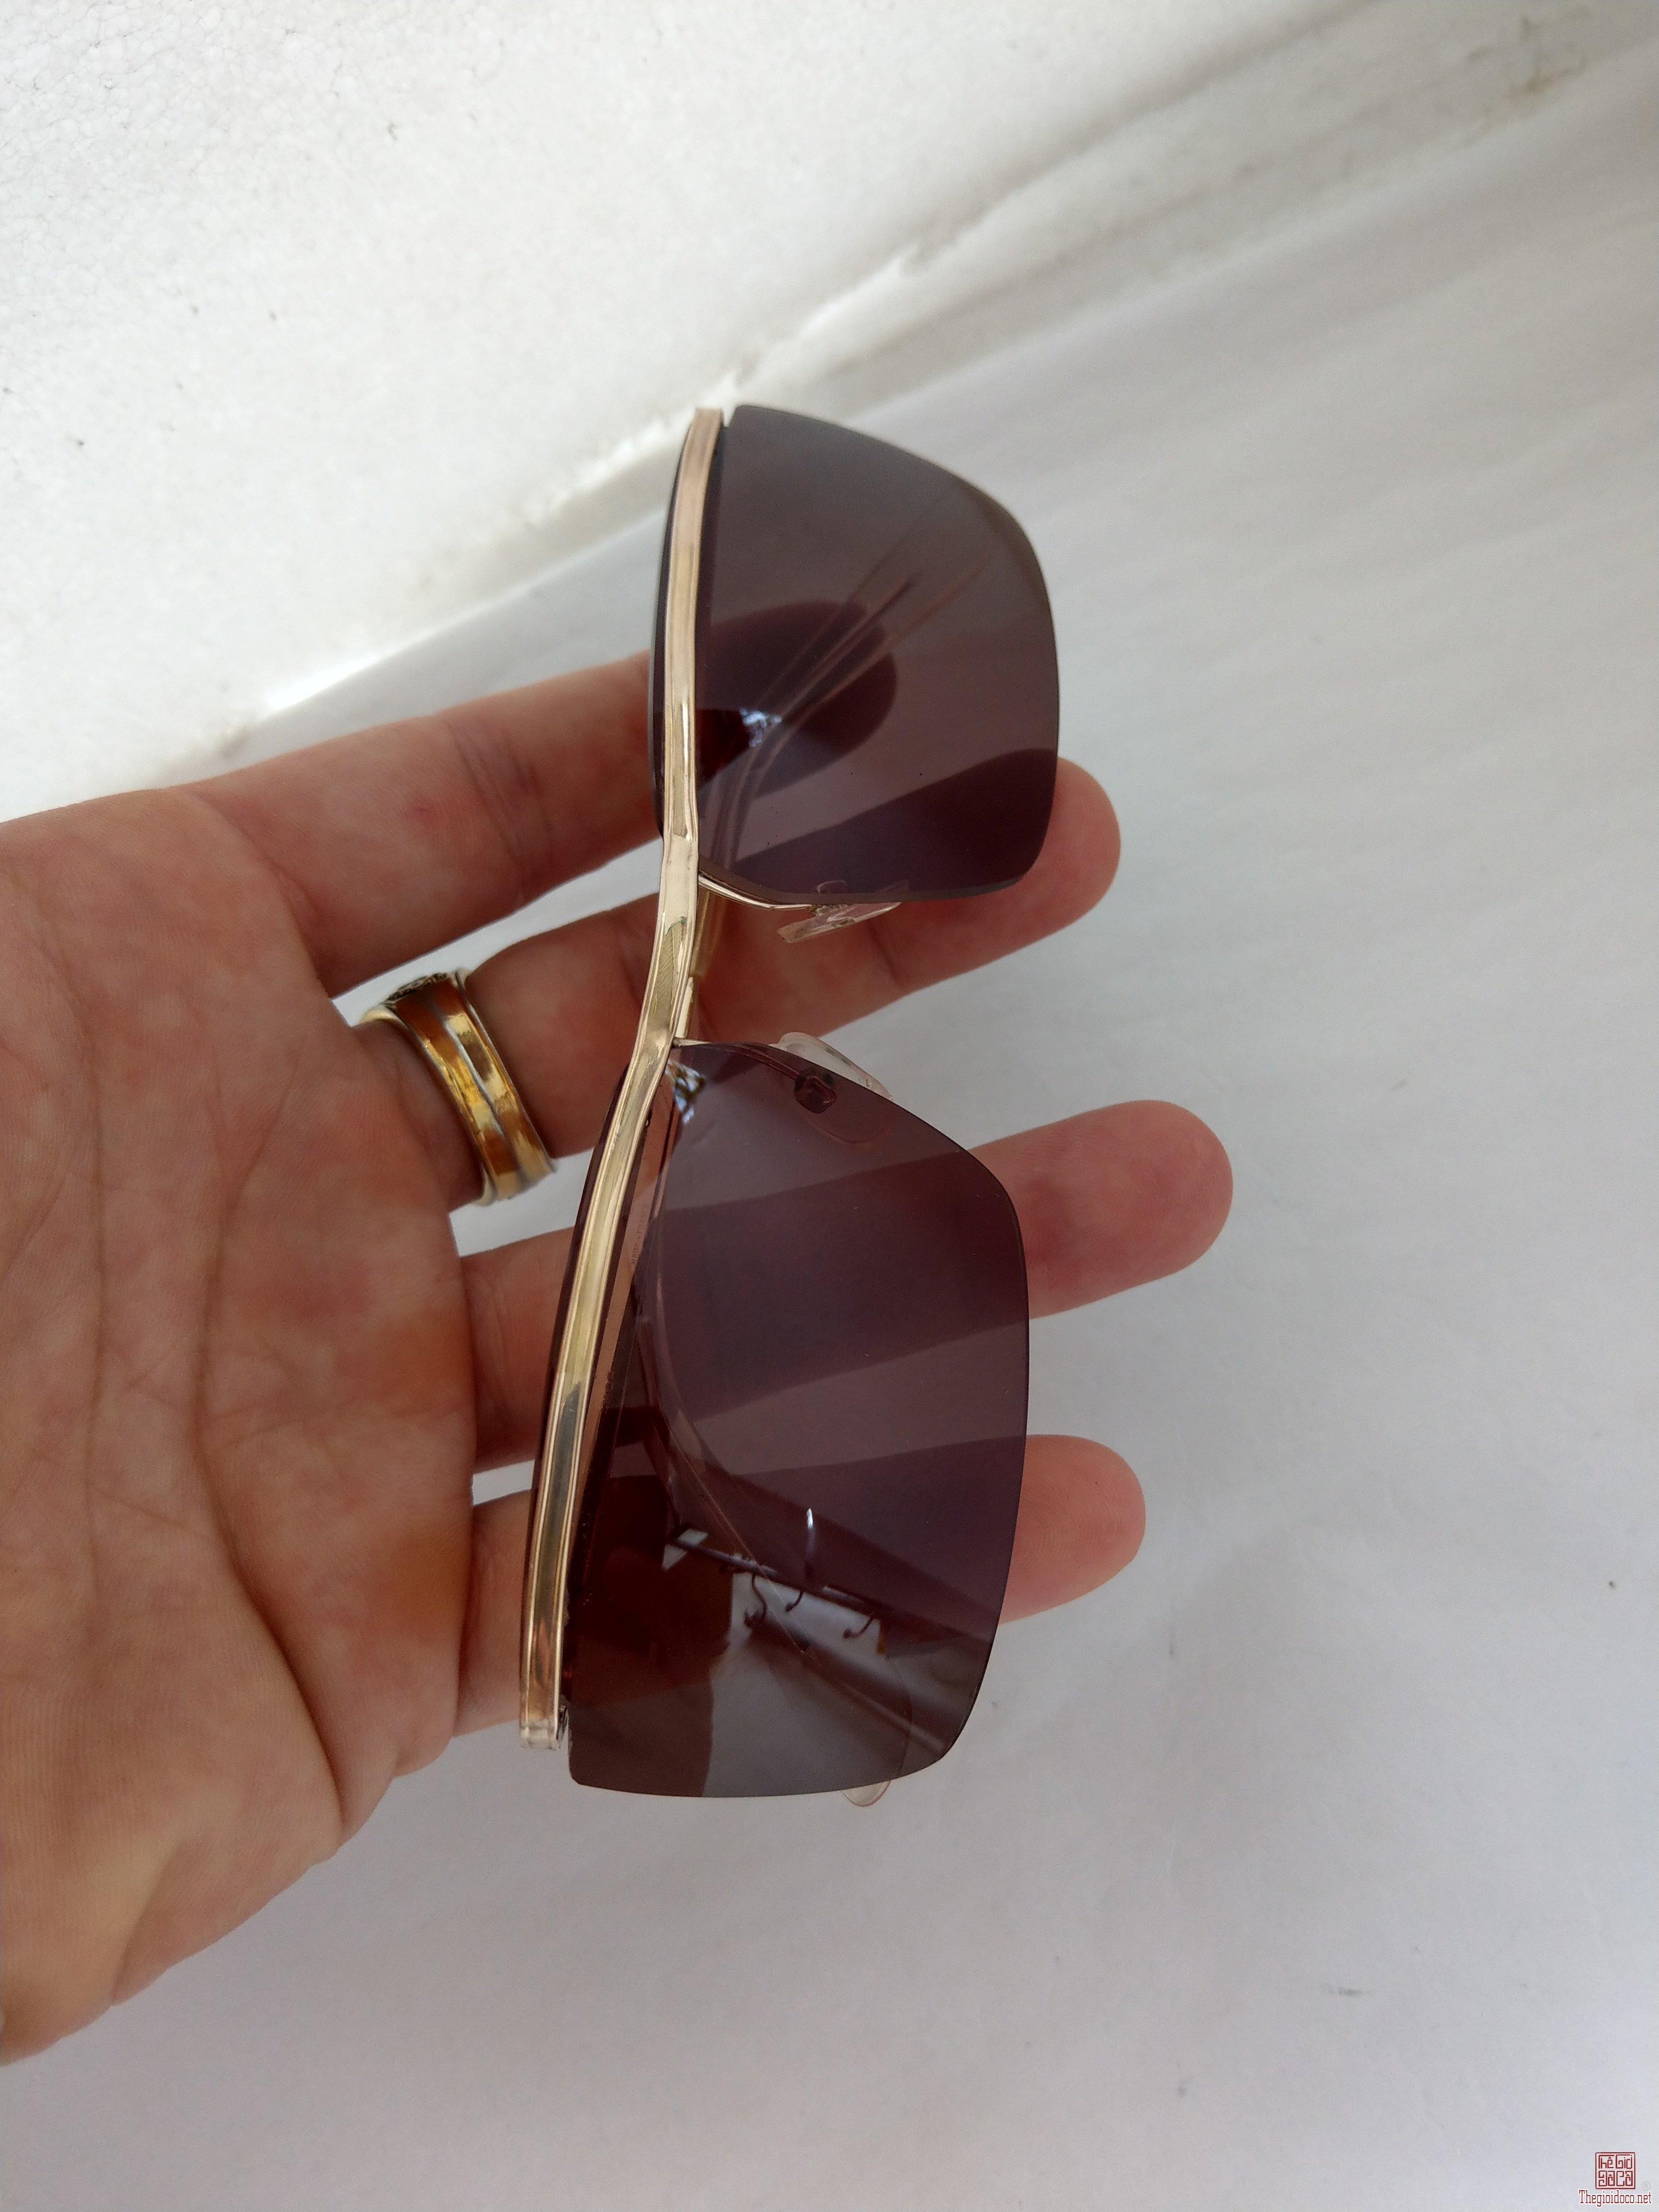 kính Amor 3 răng bản lề kép bọc 2 triện vàng đẹp lung linh của Pháp.